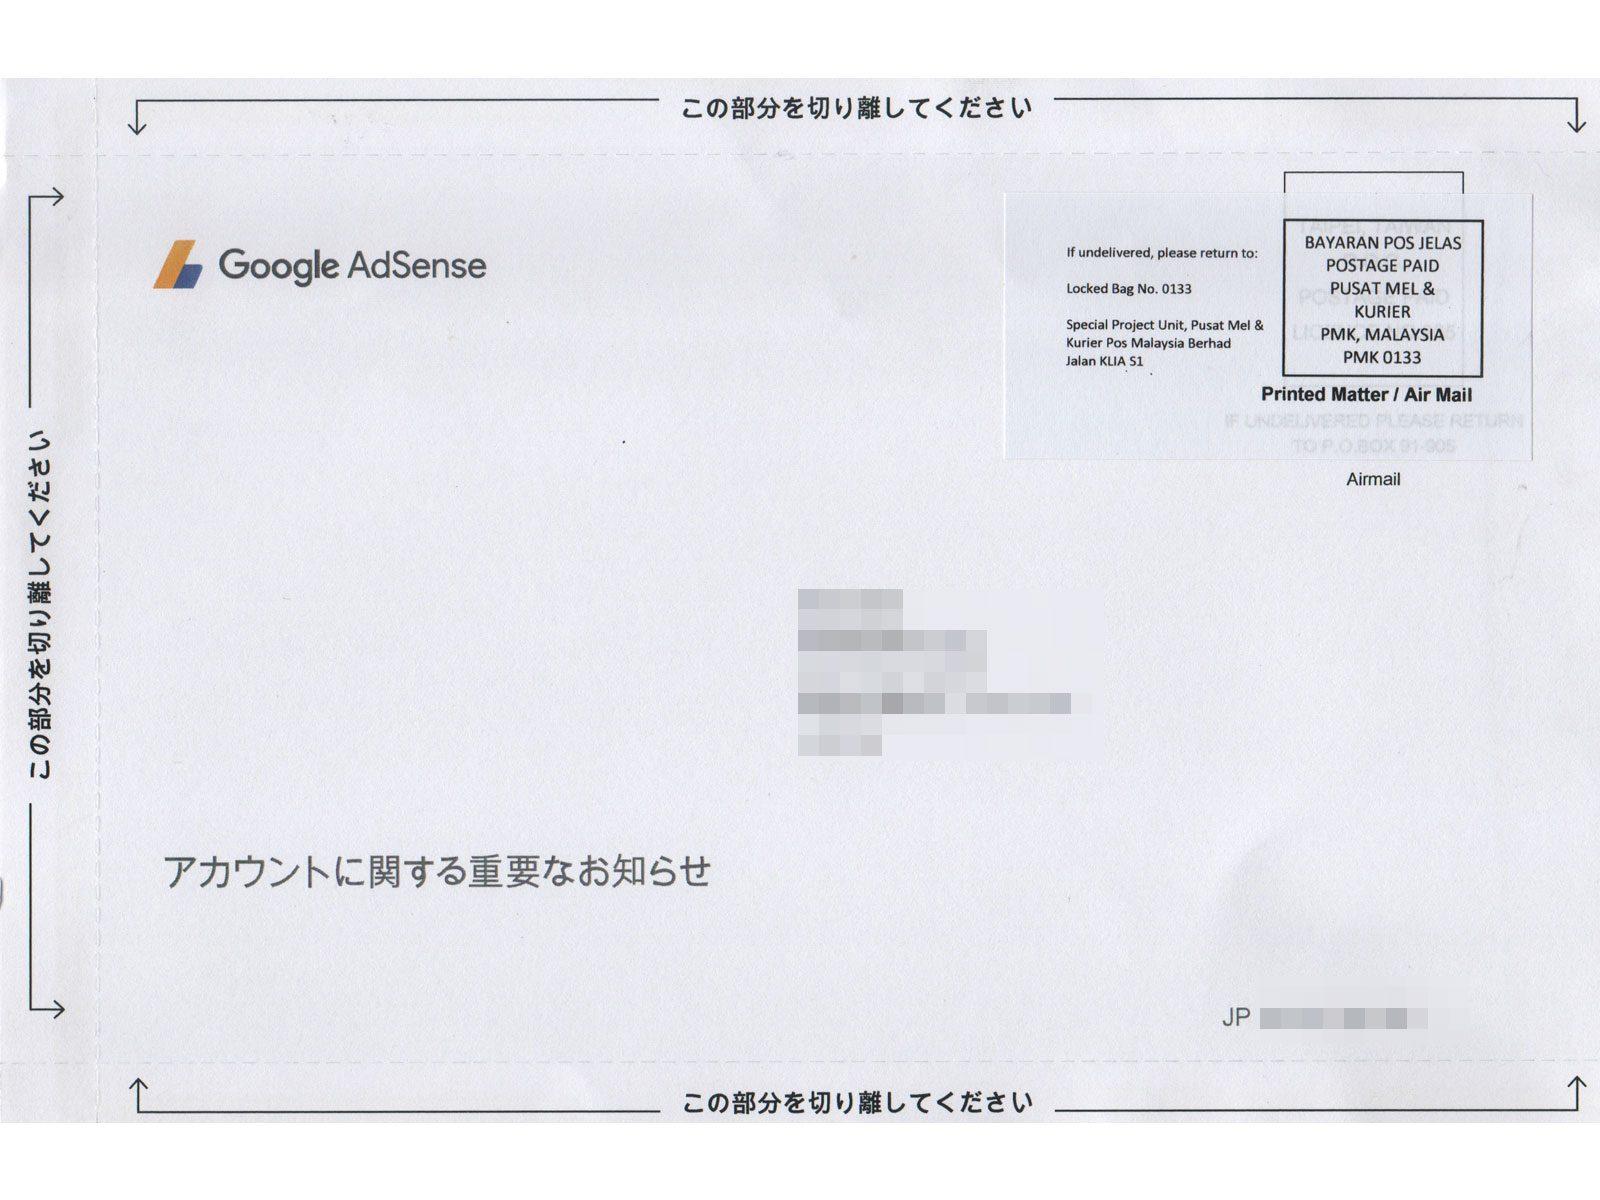 グーグルアドセンスからのメール